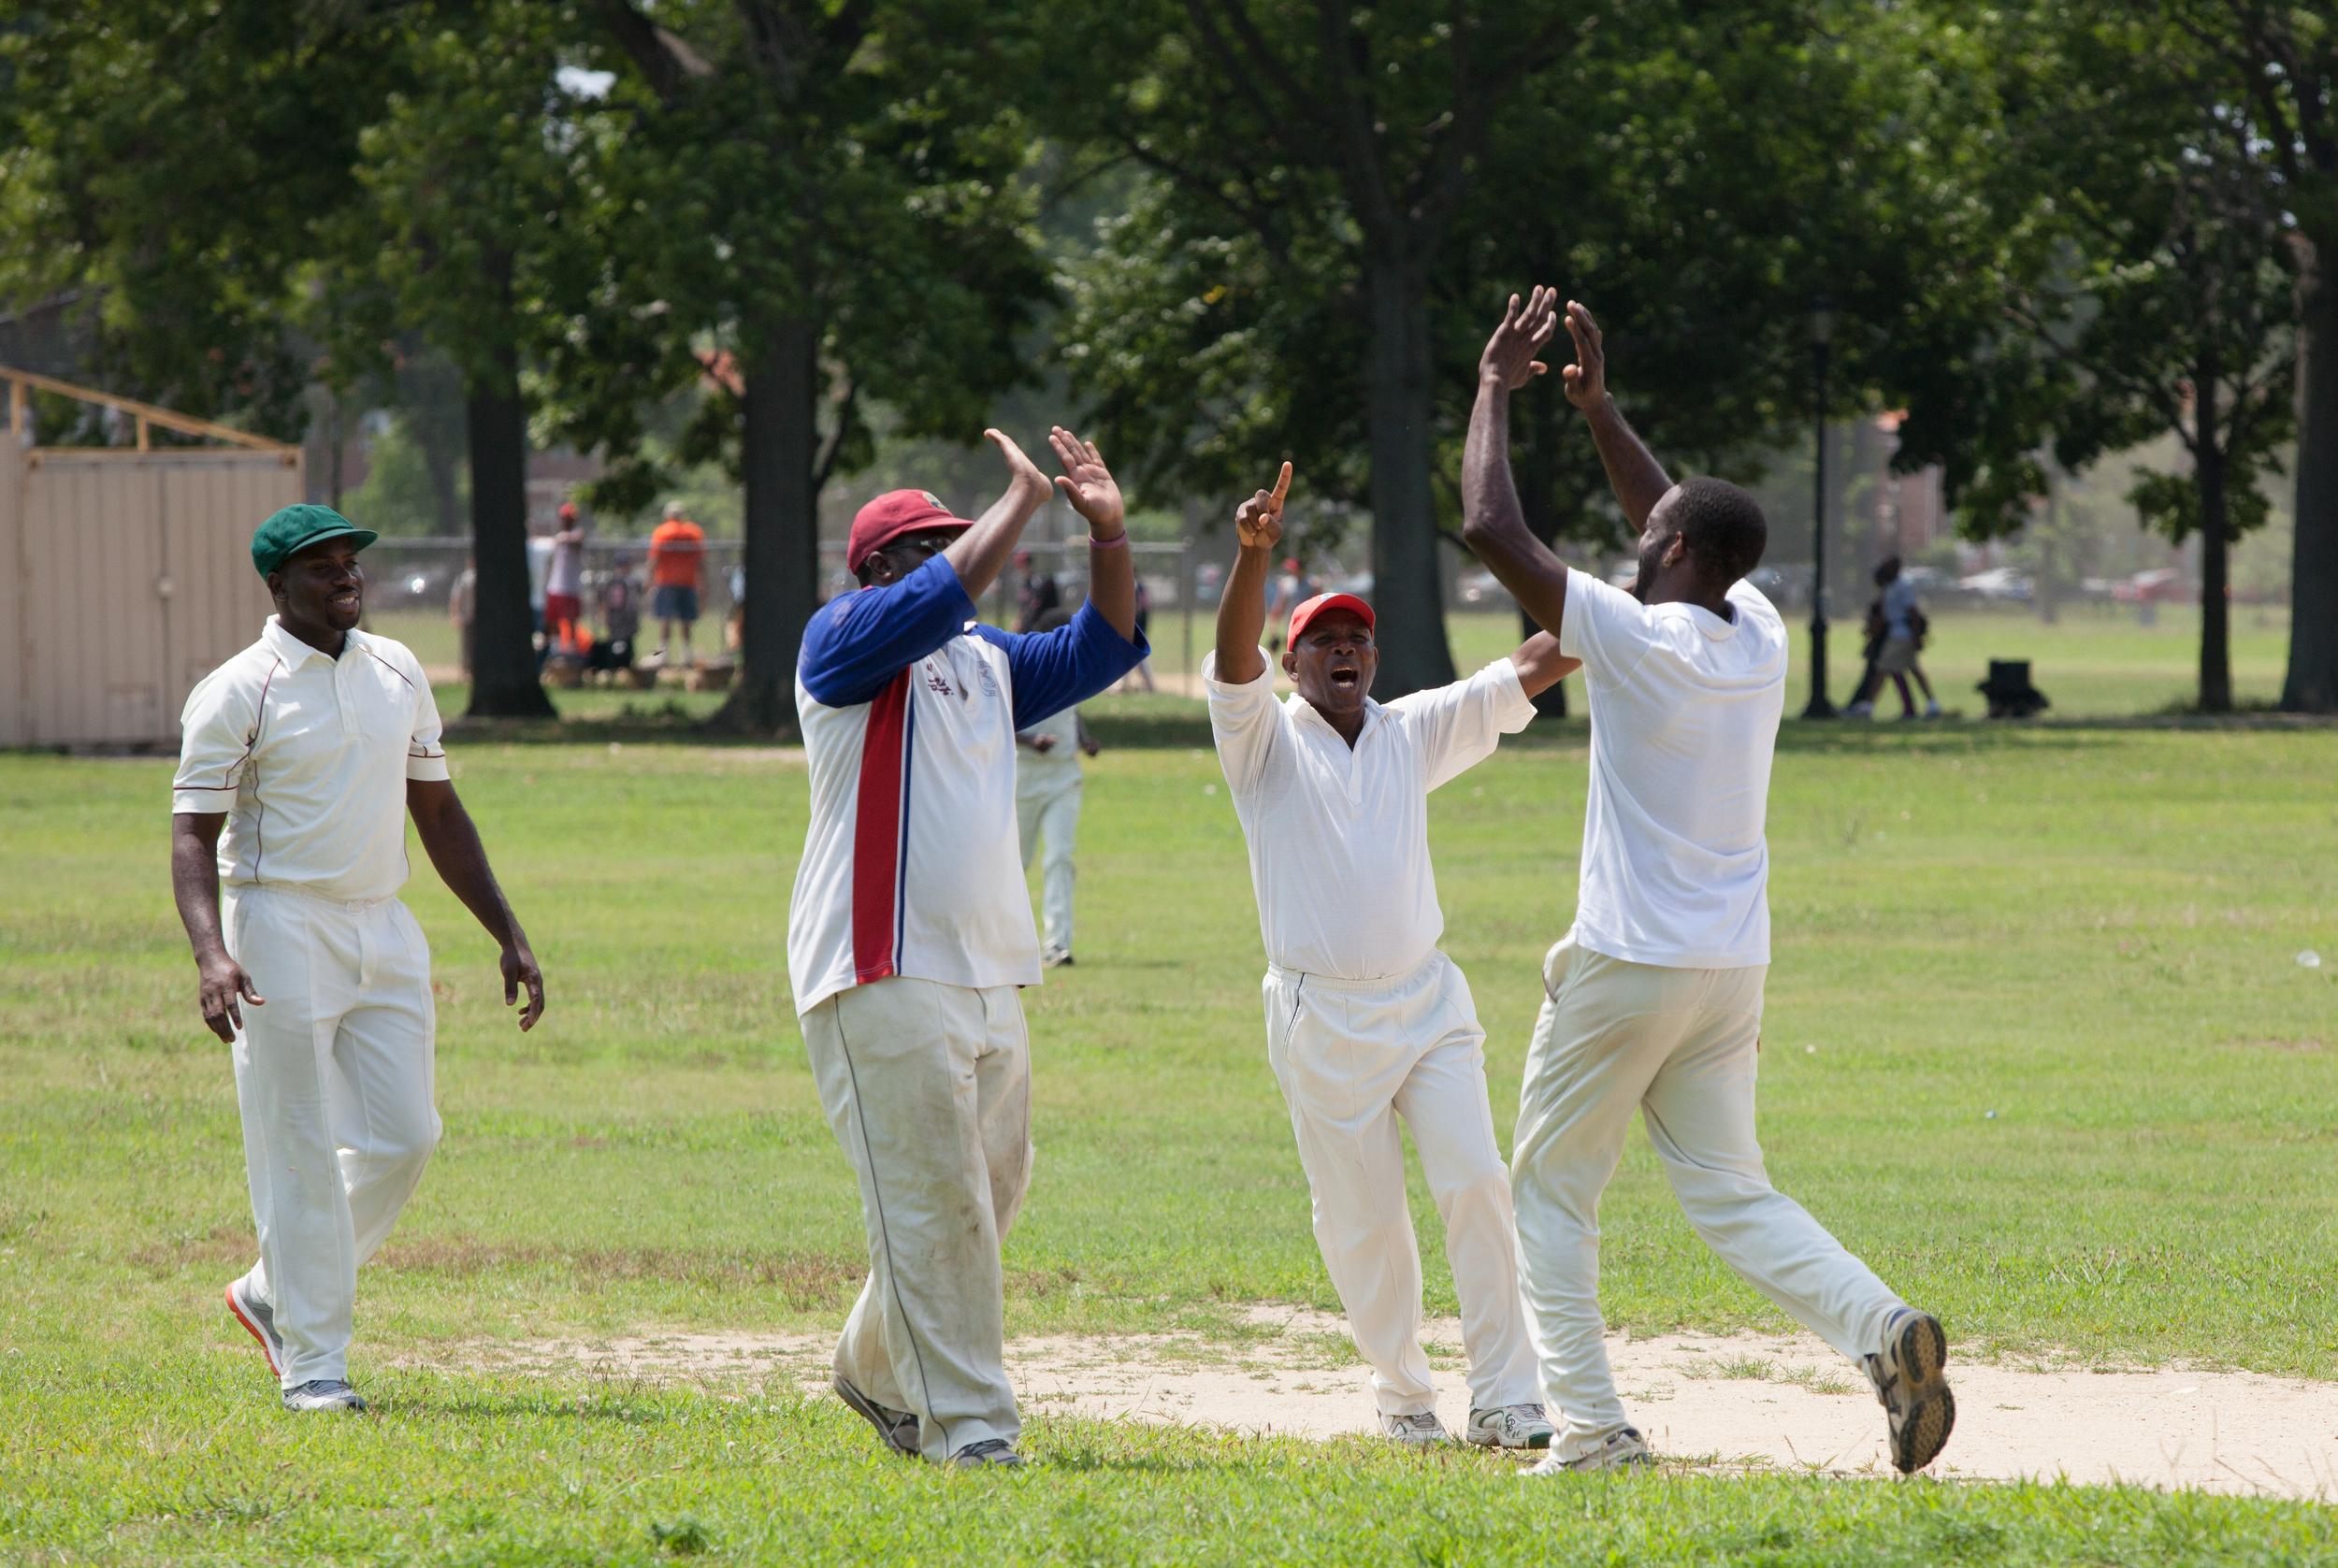 BKLYNR-Cricket-JasonBergman-022.jpg